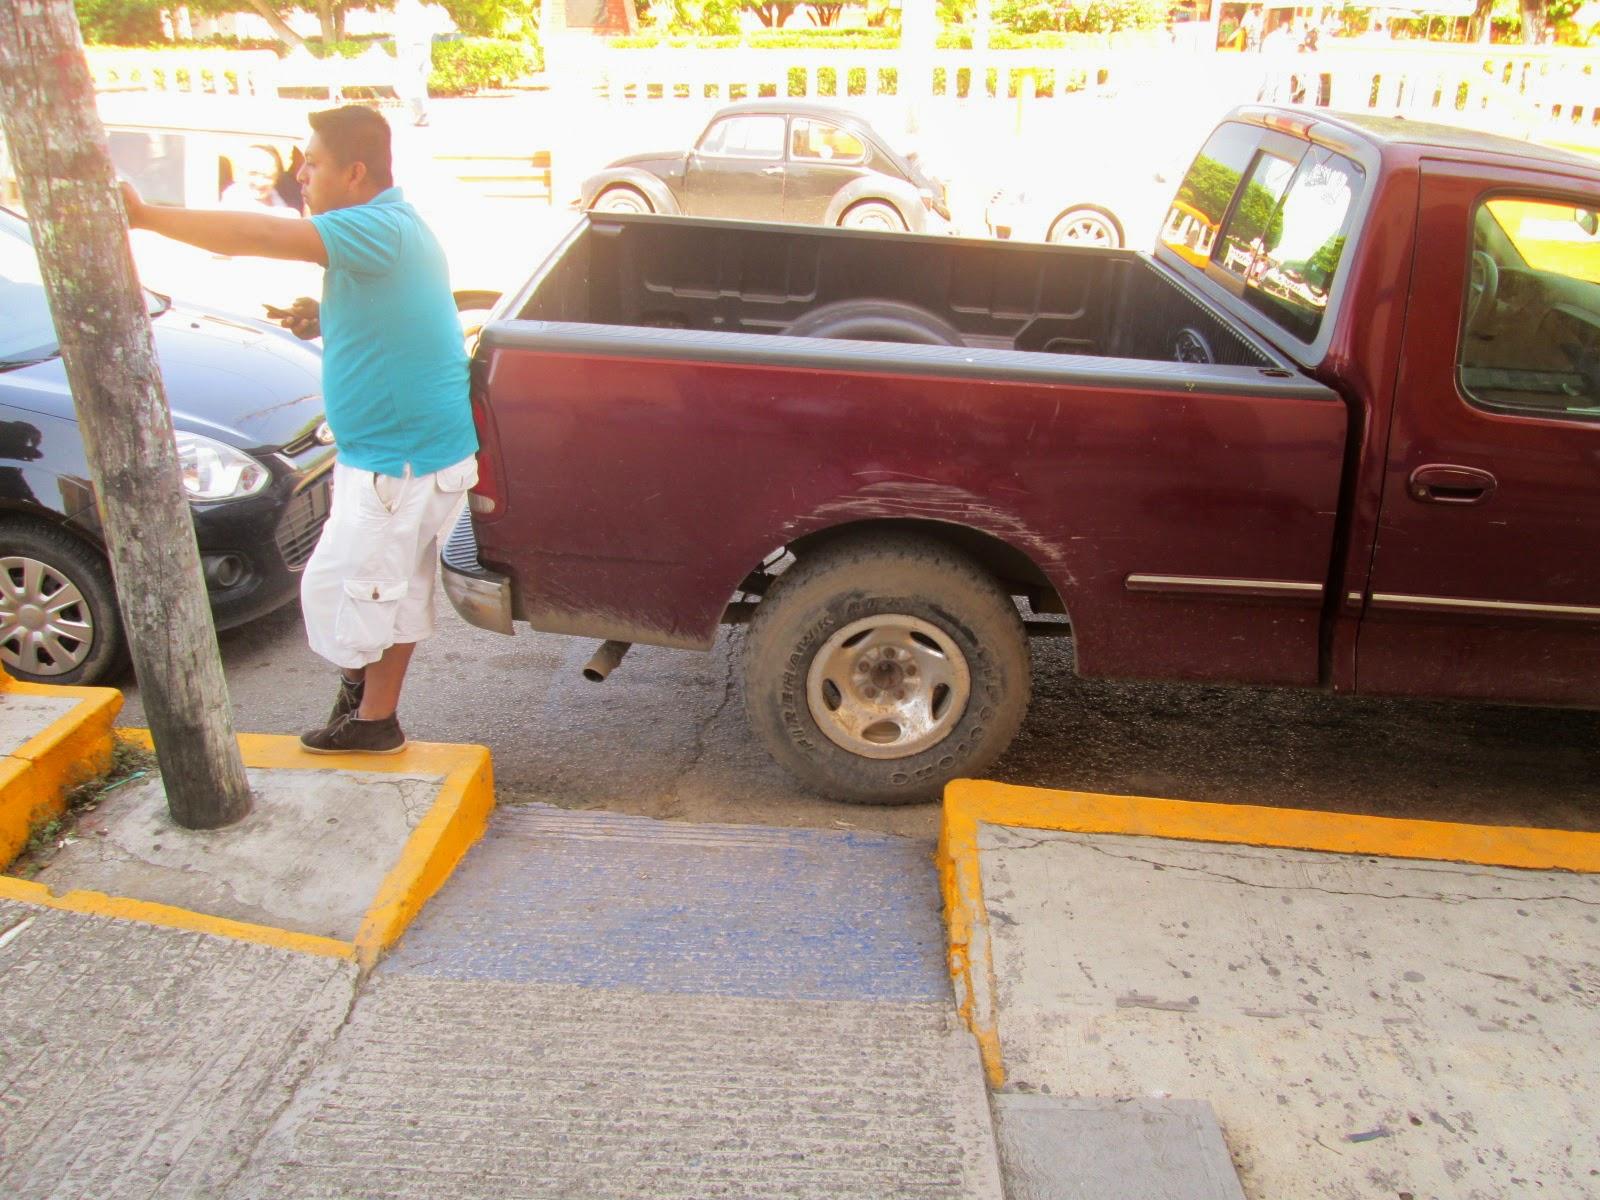 Tiempo de naranjos sucesos bloquean rampa de for Rampa de discapacitados